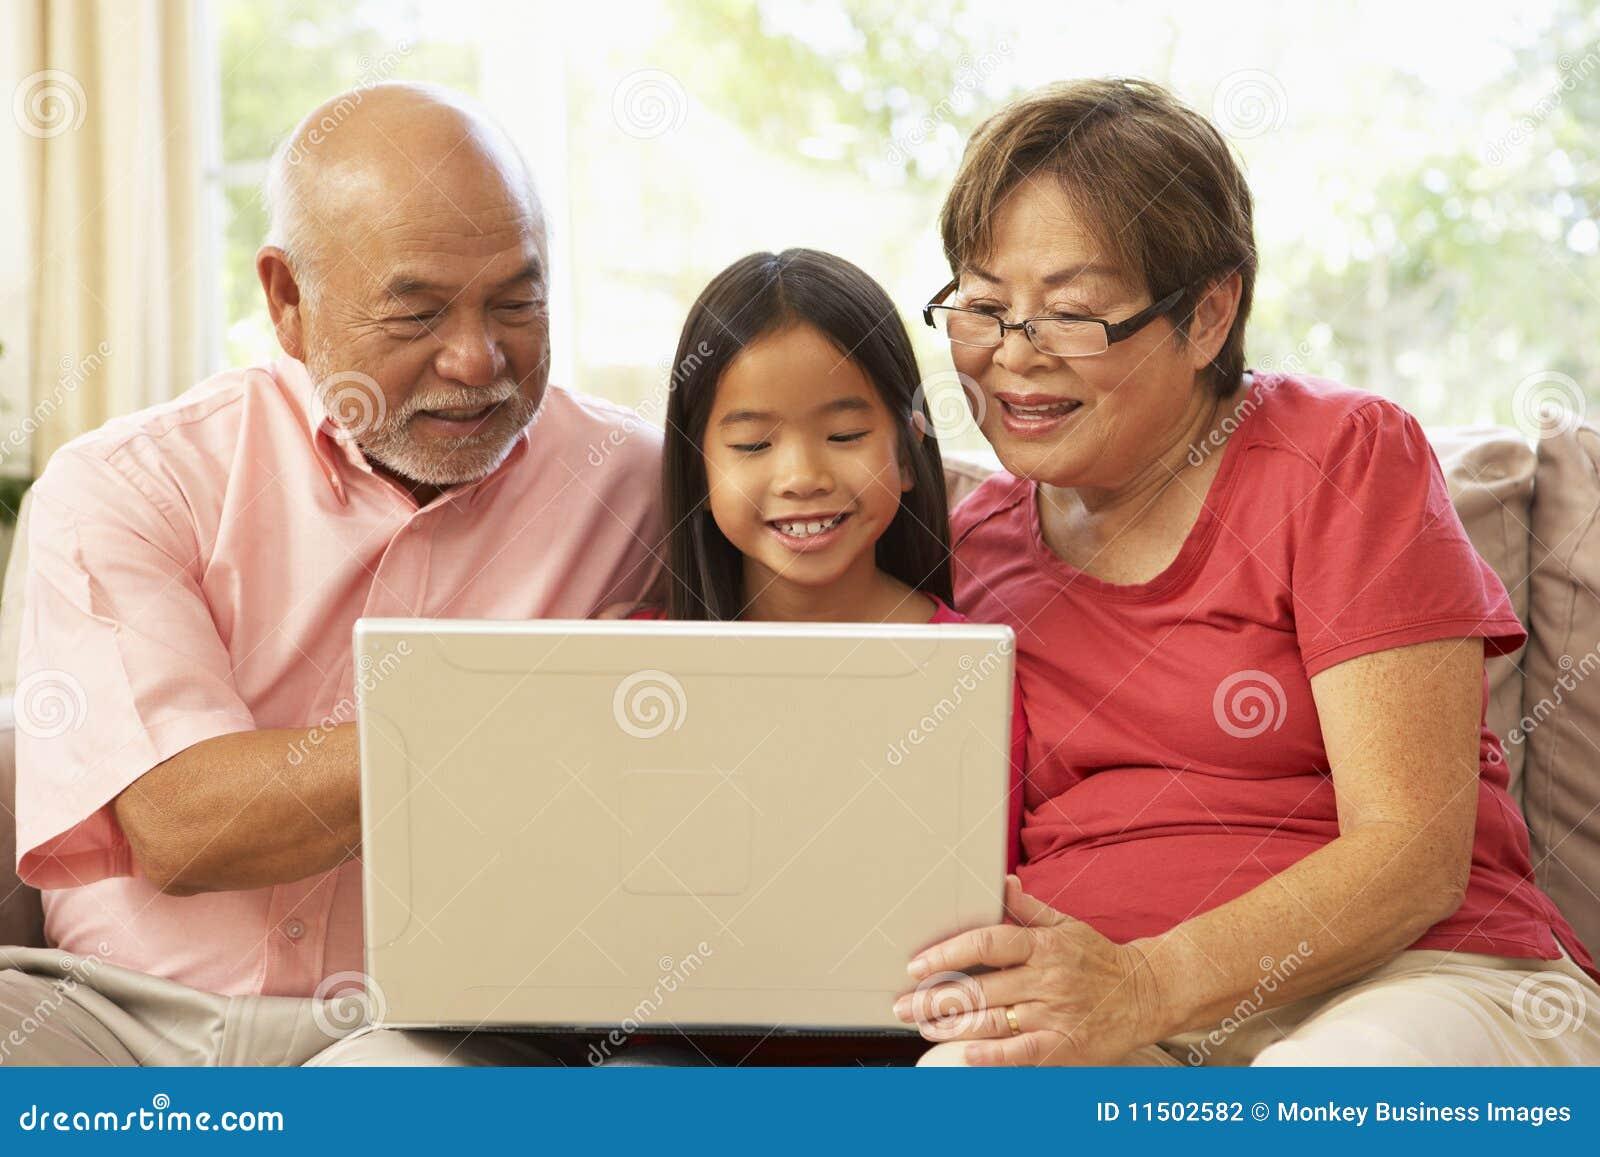 Смотреть бесплатно бабушка и внук 12 фотография